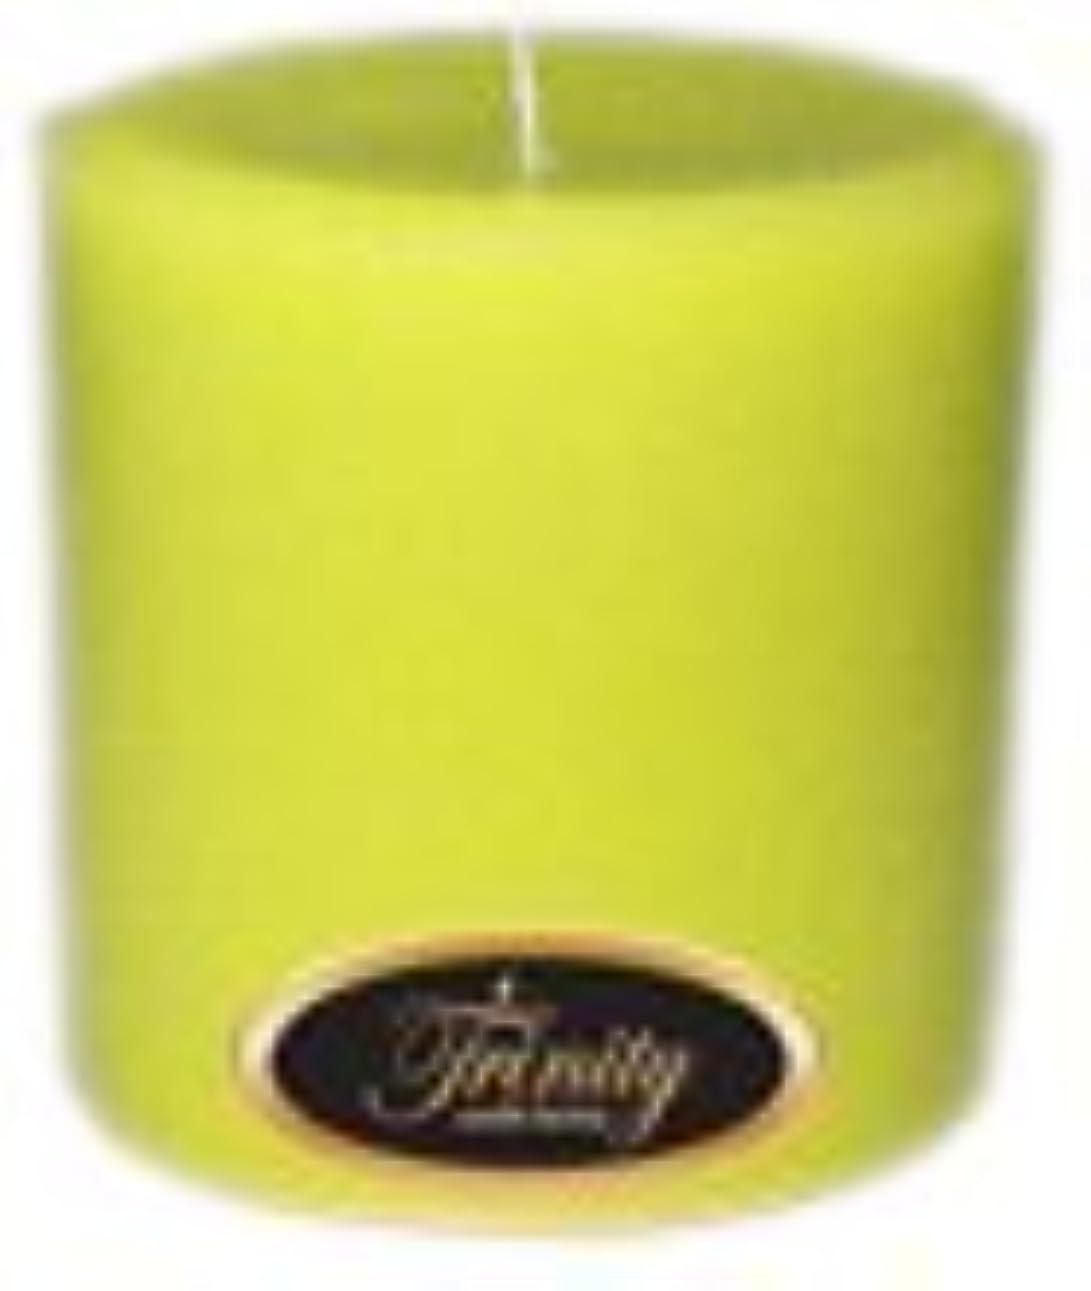 Trinity Candle工場 – レモングラス – Pillar Candle – 4 x 4